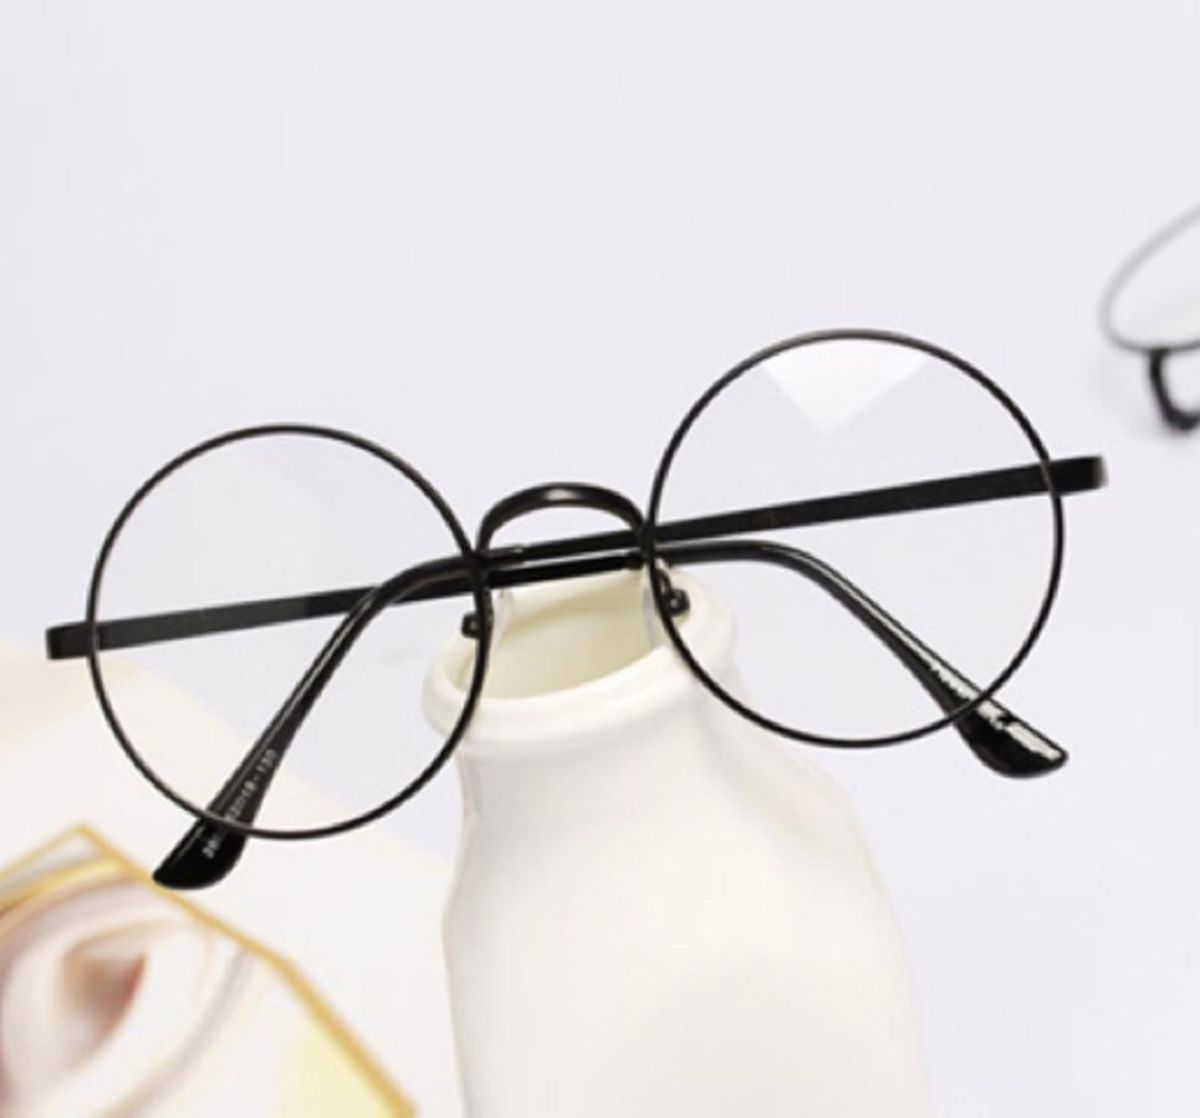 657152c48c08c armação óculos estilo harry potter em metal preto com lentes redondas 5mm -  óculos otto store